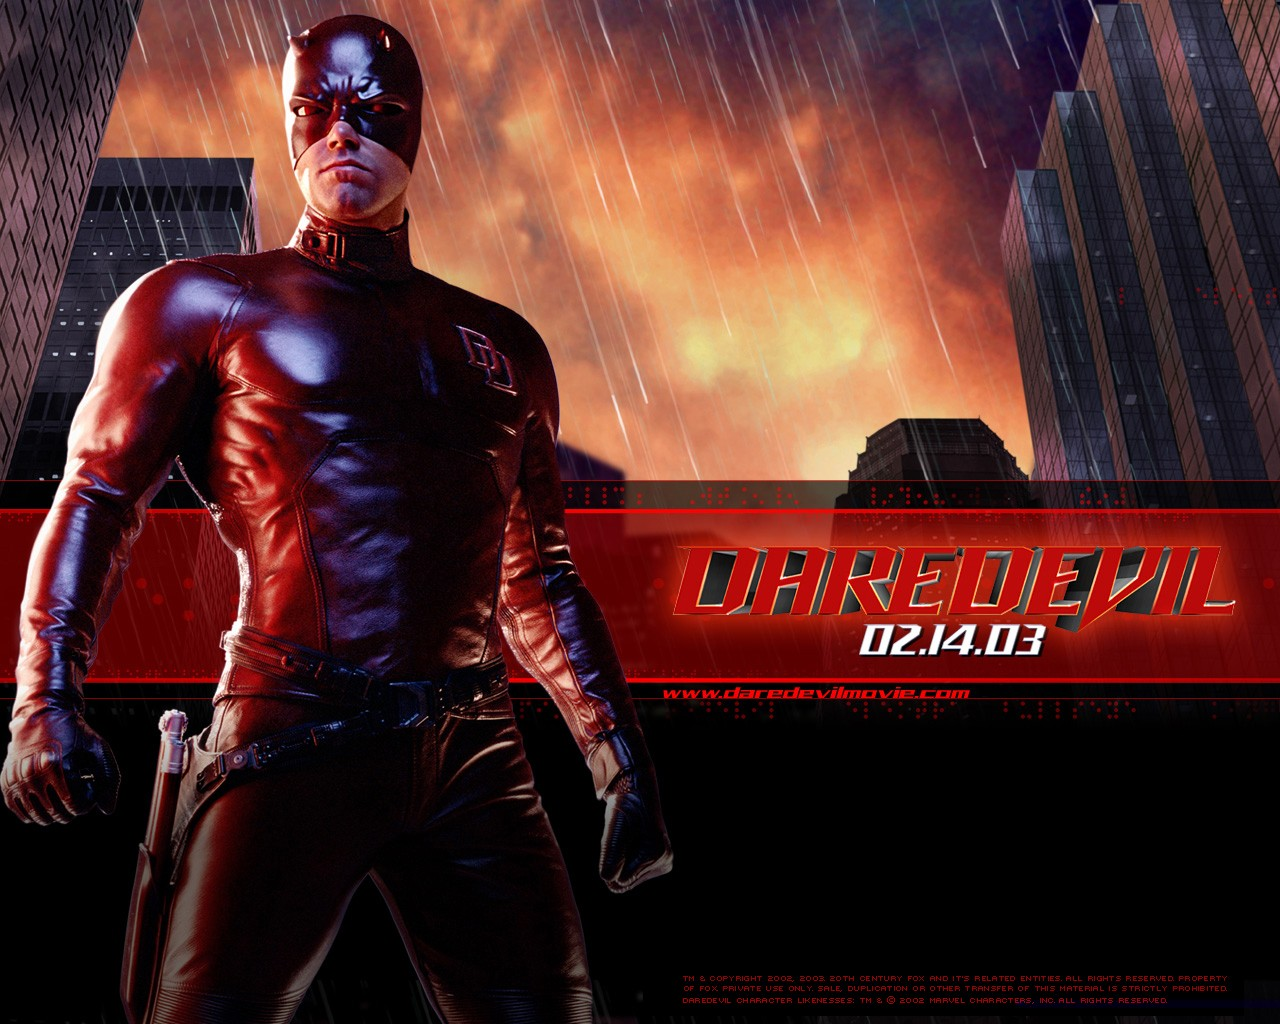 Un wallpaper ufficiale di Daredevil (Ben Affleck) per il film Daredevil